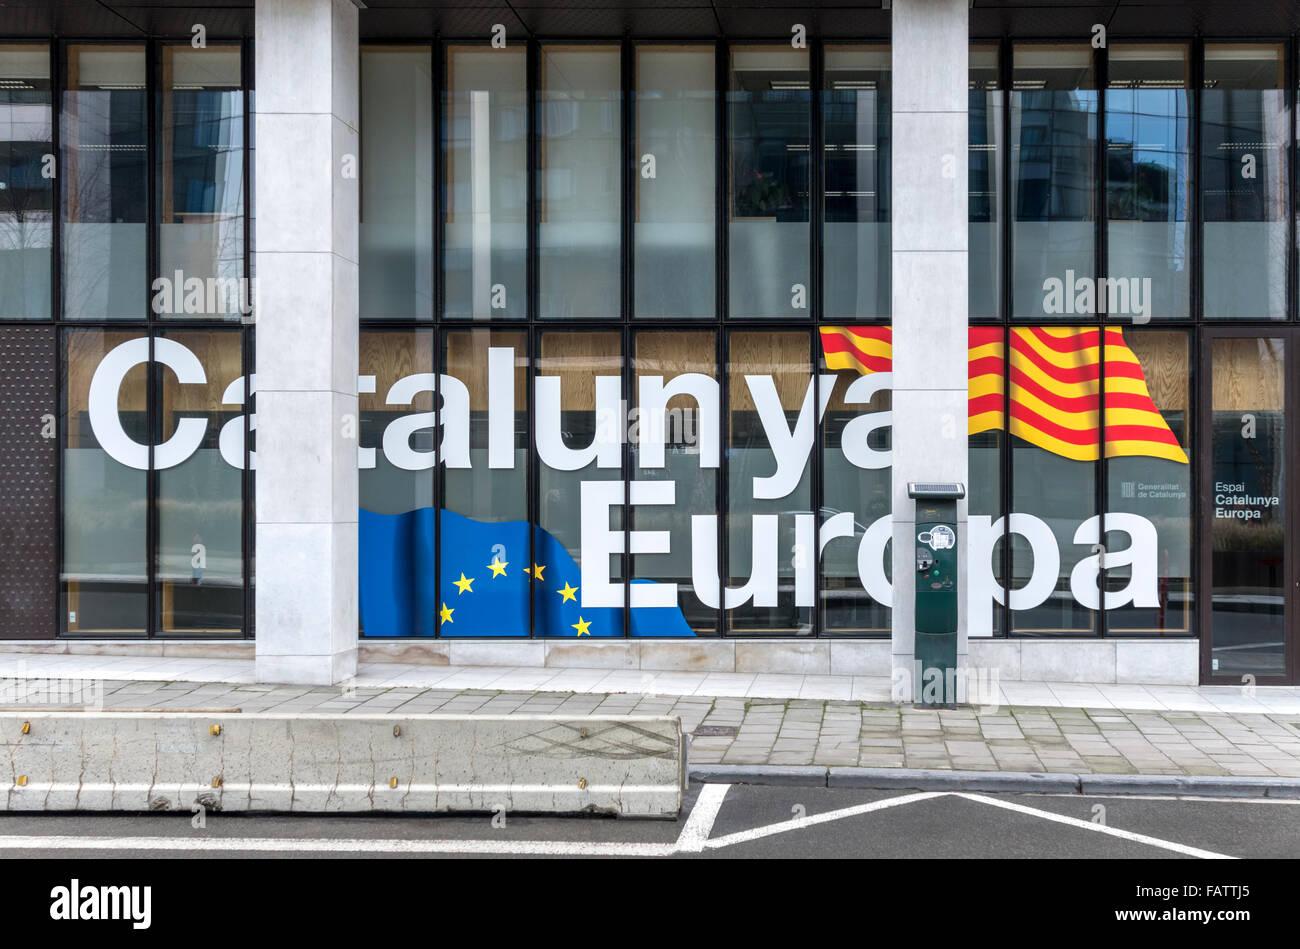 Brüssel. Das Büro der Delegation der Regierung von Katalonien in die Europäische Union EU. Stockbild